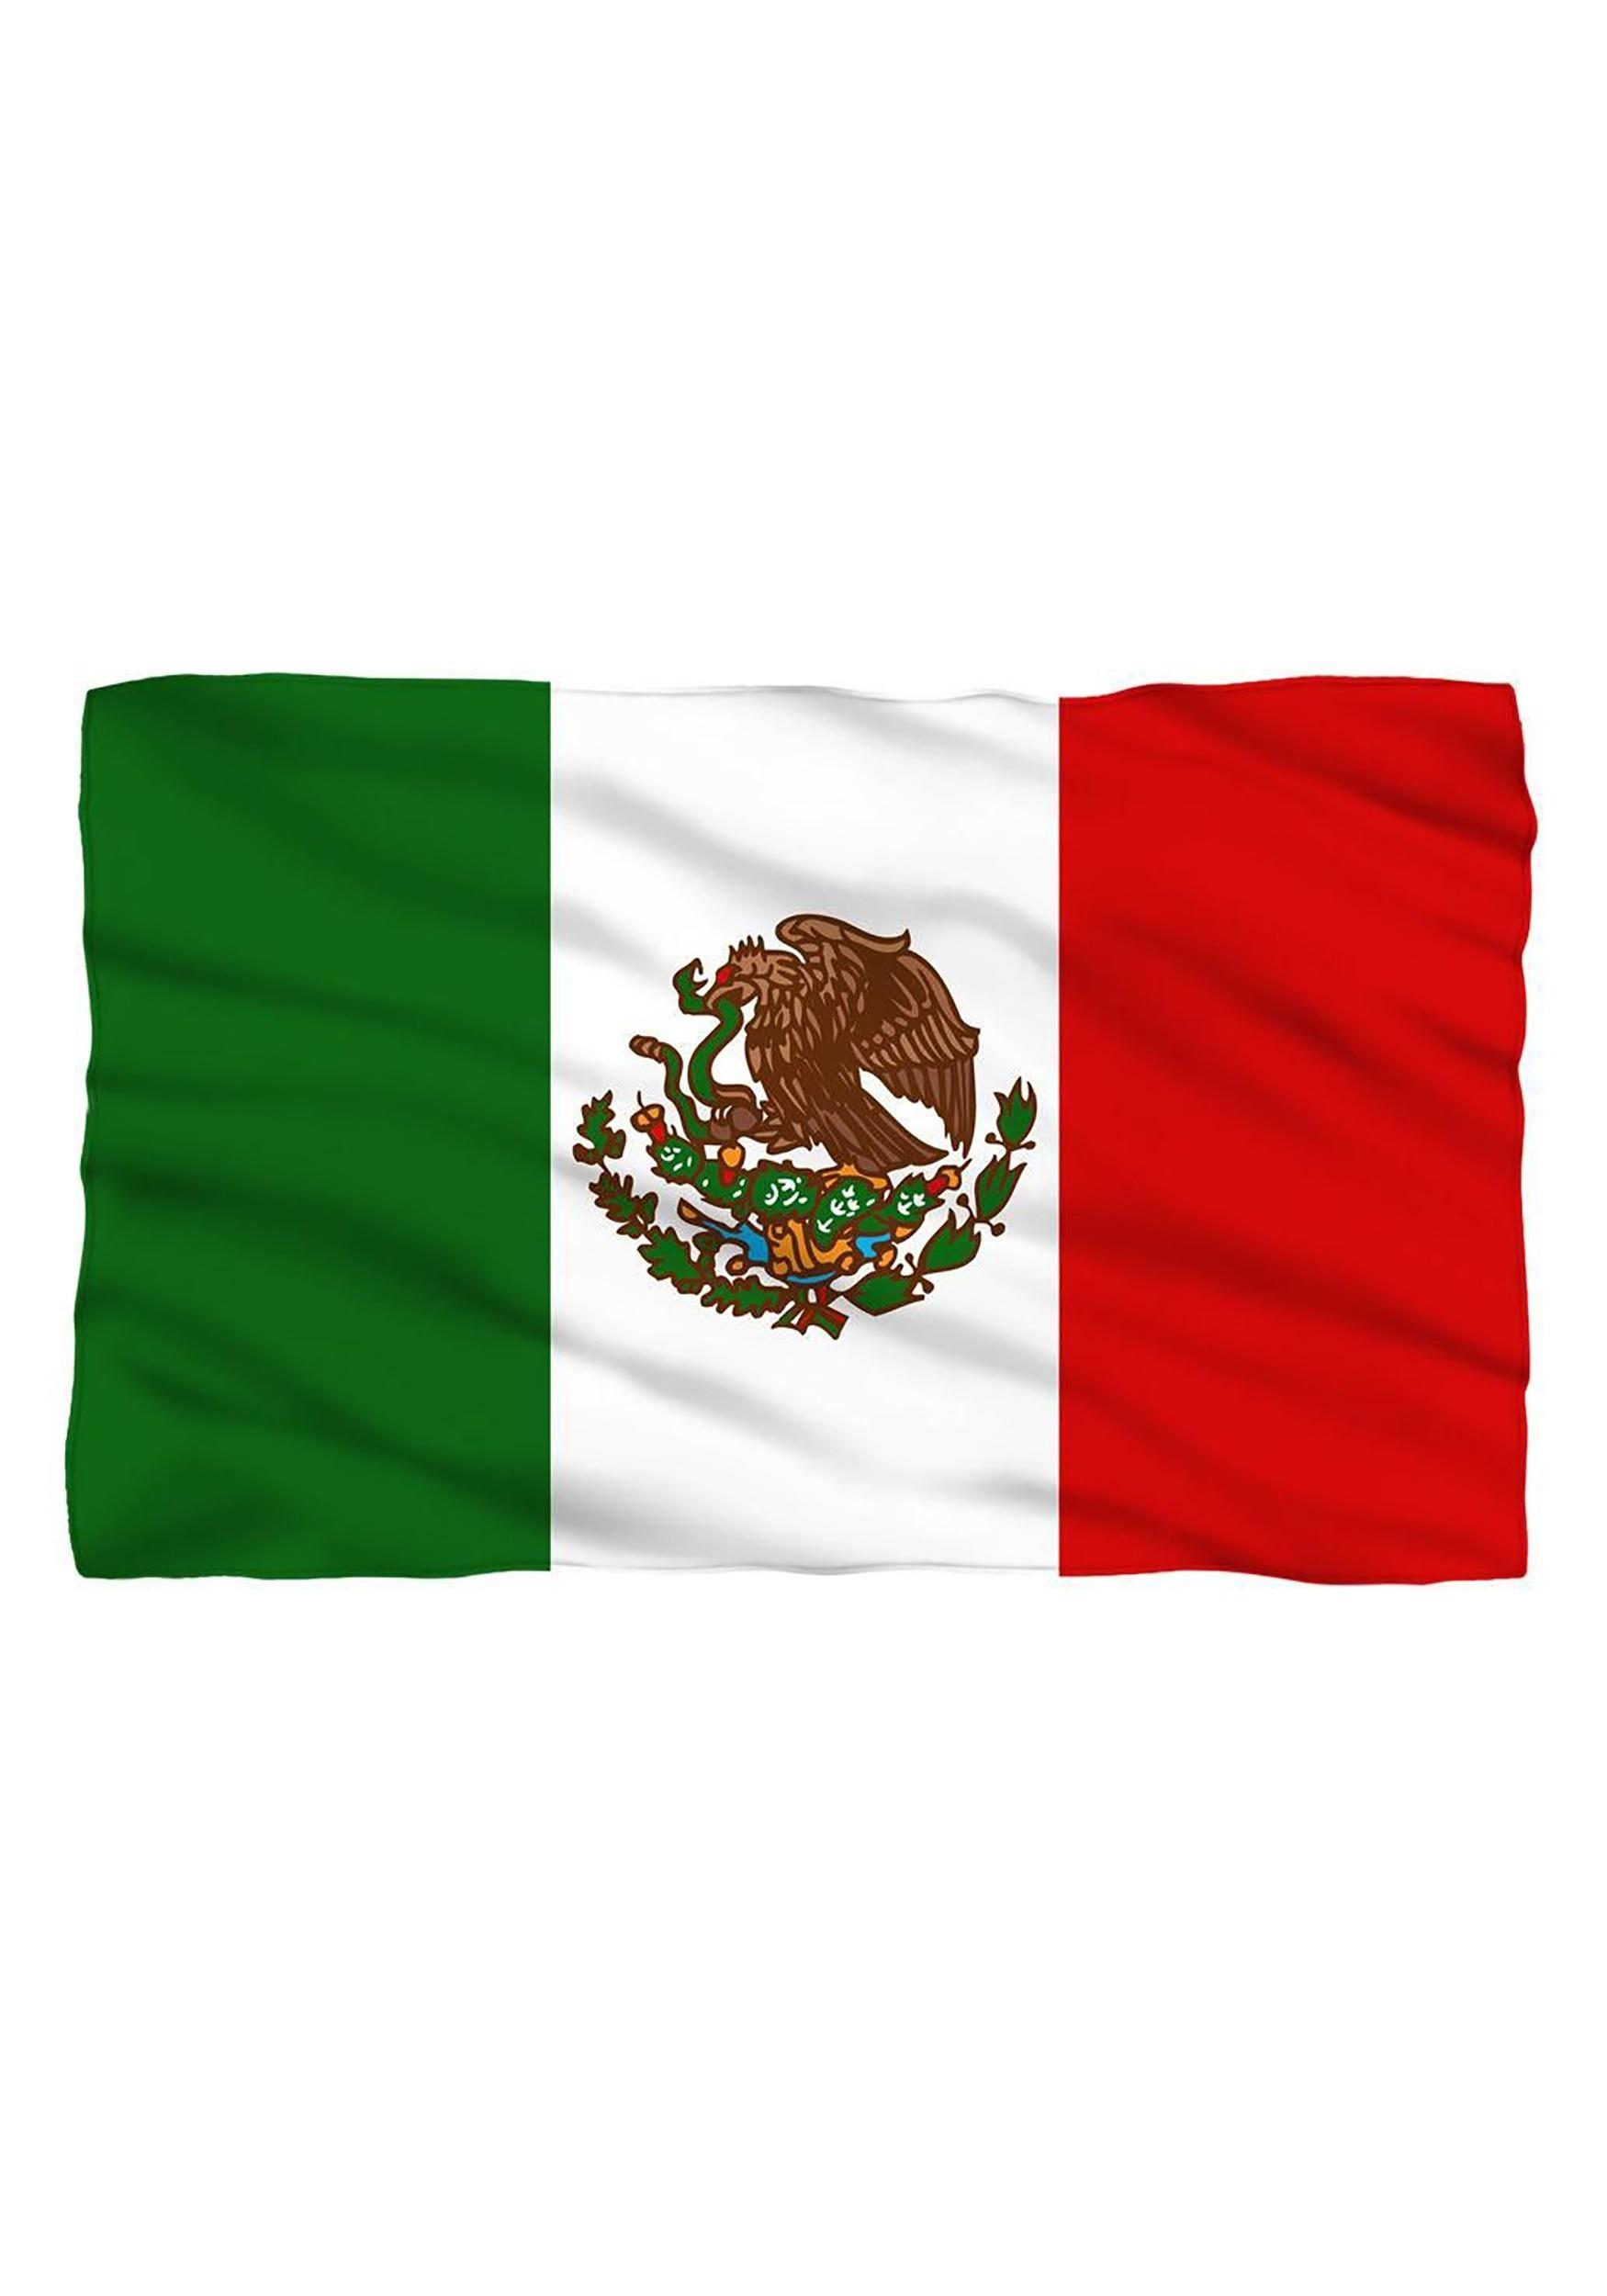 первом мексиканский флаг фото картинки ранней осенью